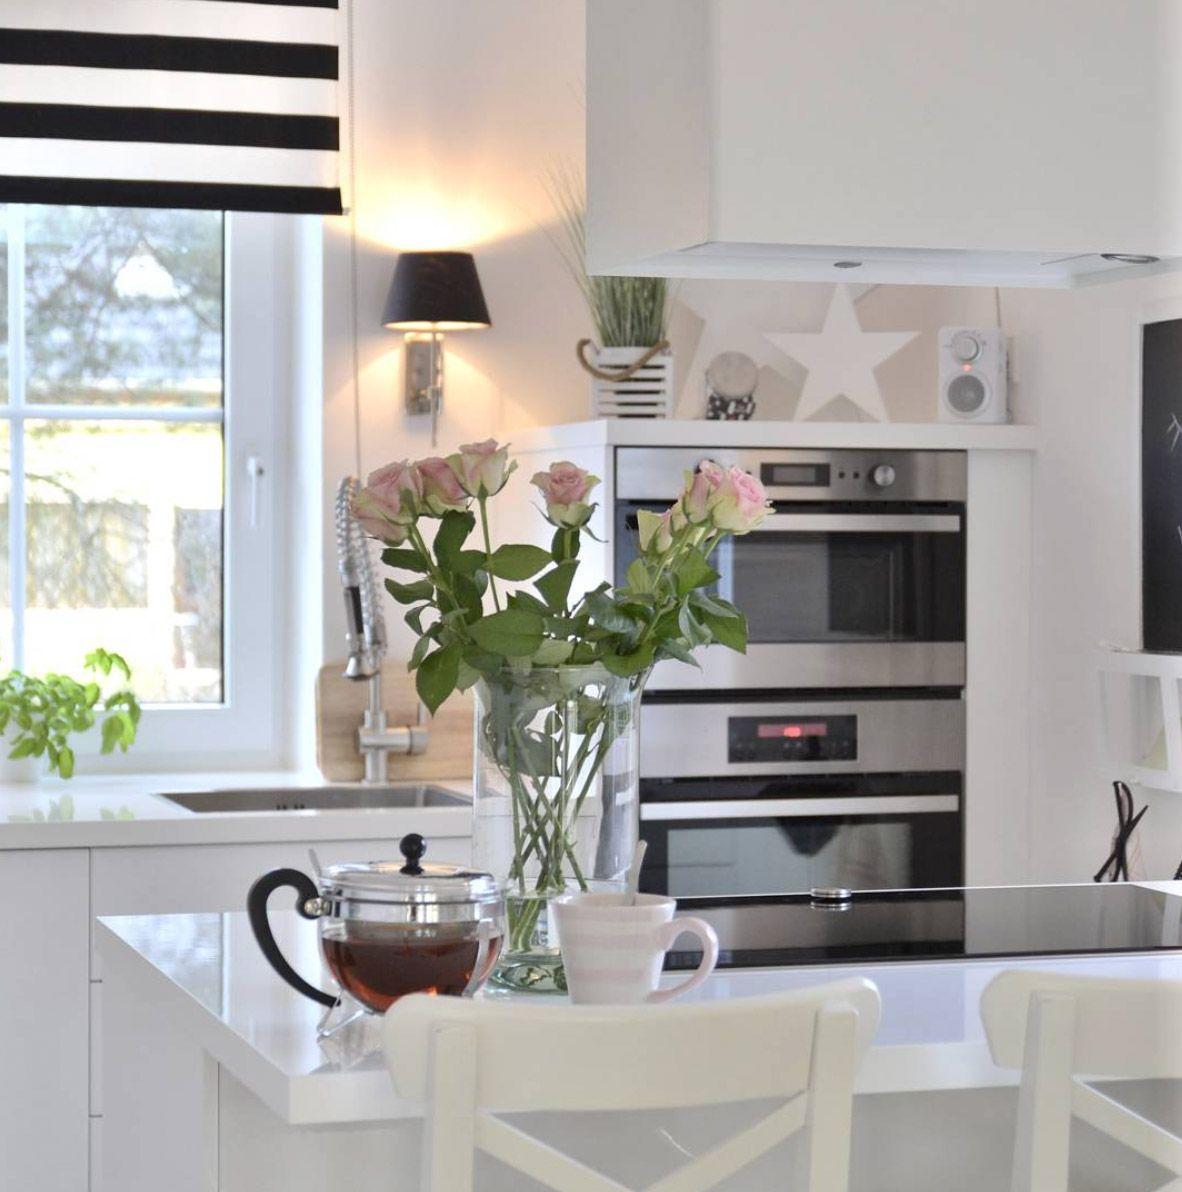 die sch nsten minimalistischen k chenbilder aus dem realen leben wei e k chen liegen hier ganz. Black Bedroom Furniture Sets. Home Design Ideas